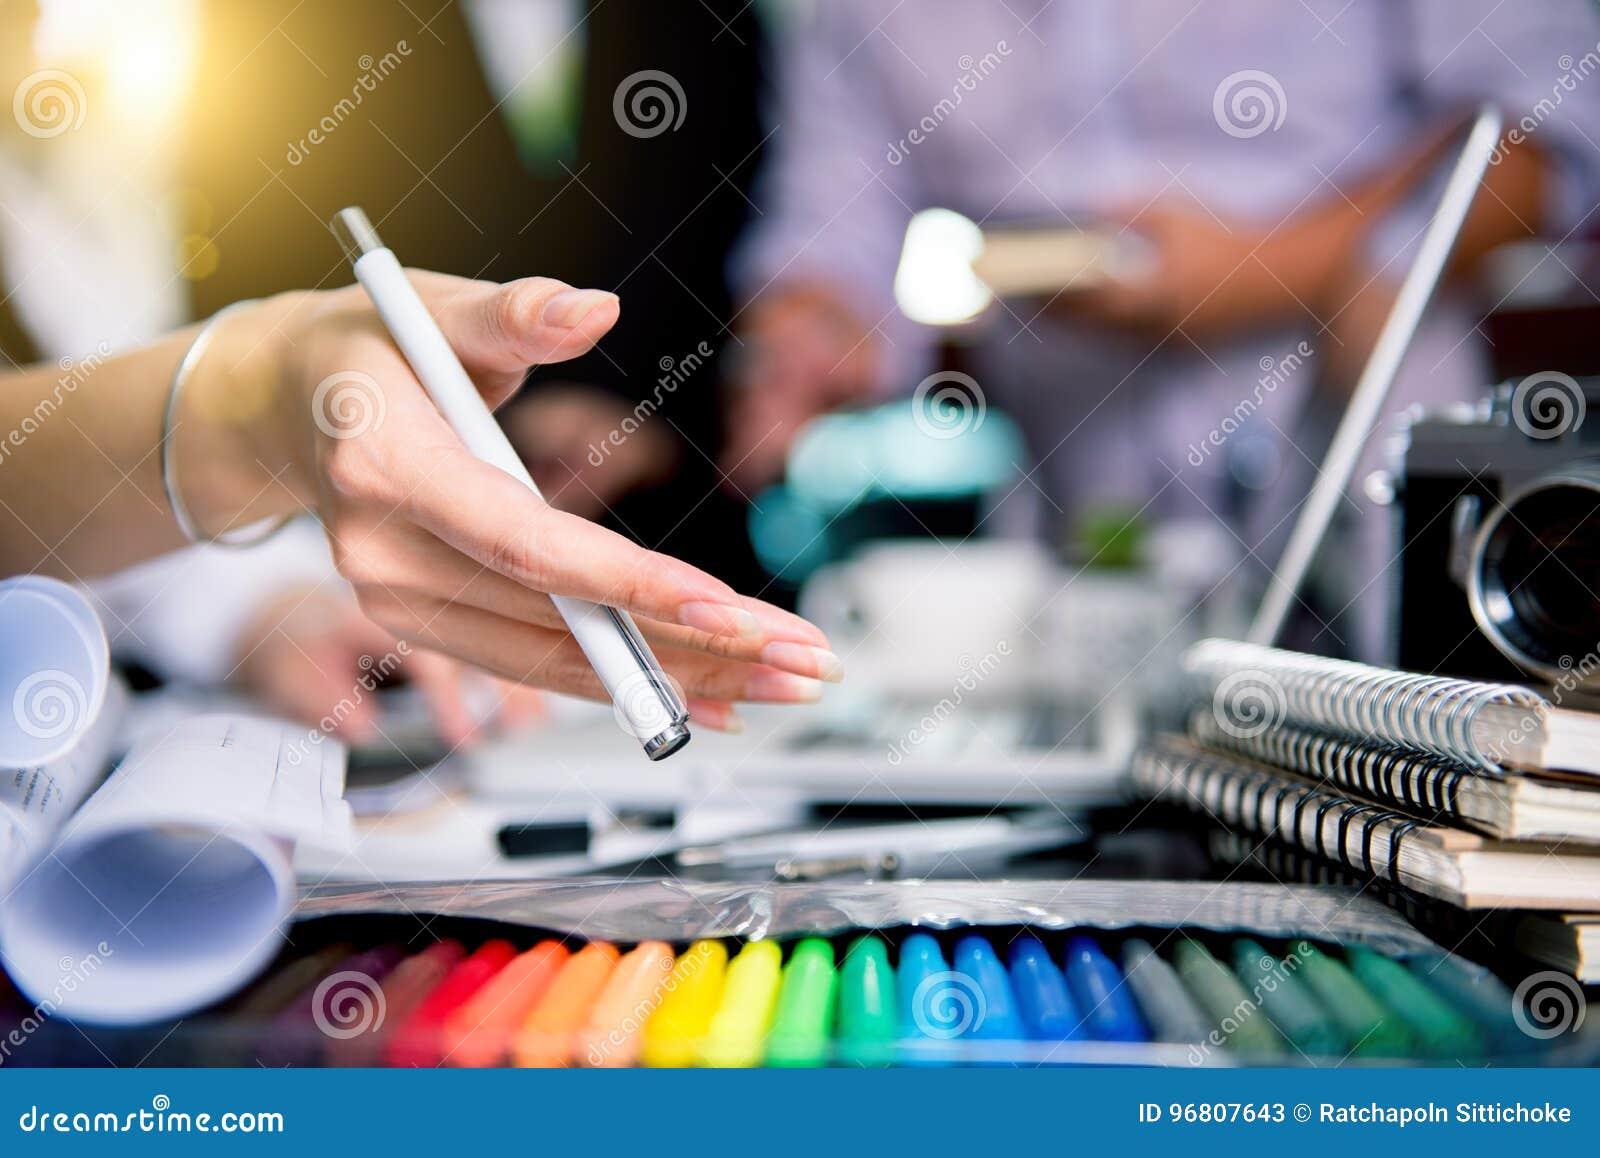 Γραφική ομάδα σχεδιαστών που συναντά τη δημιουργική ταμπλέτα de εργασίας δημιουργικότητας